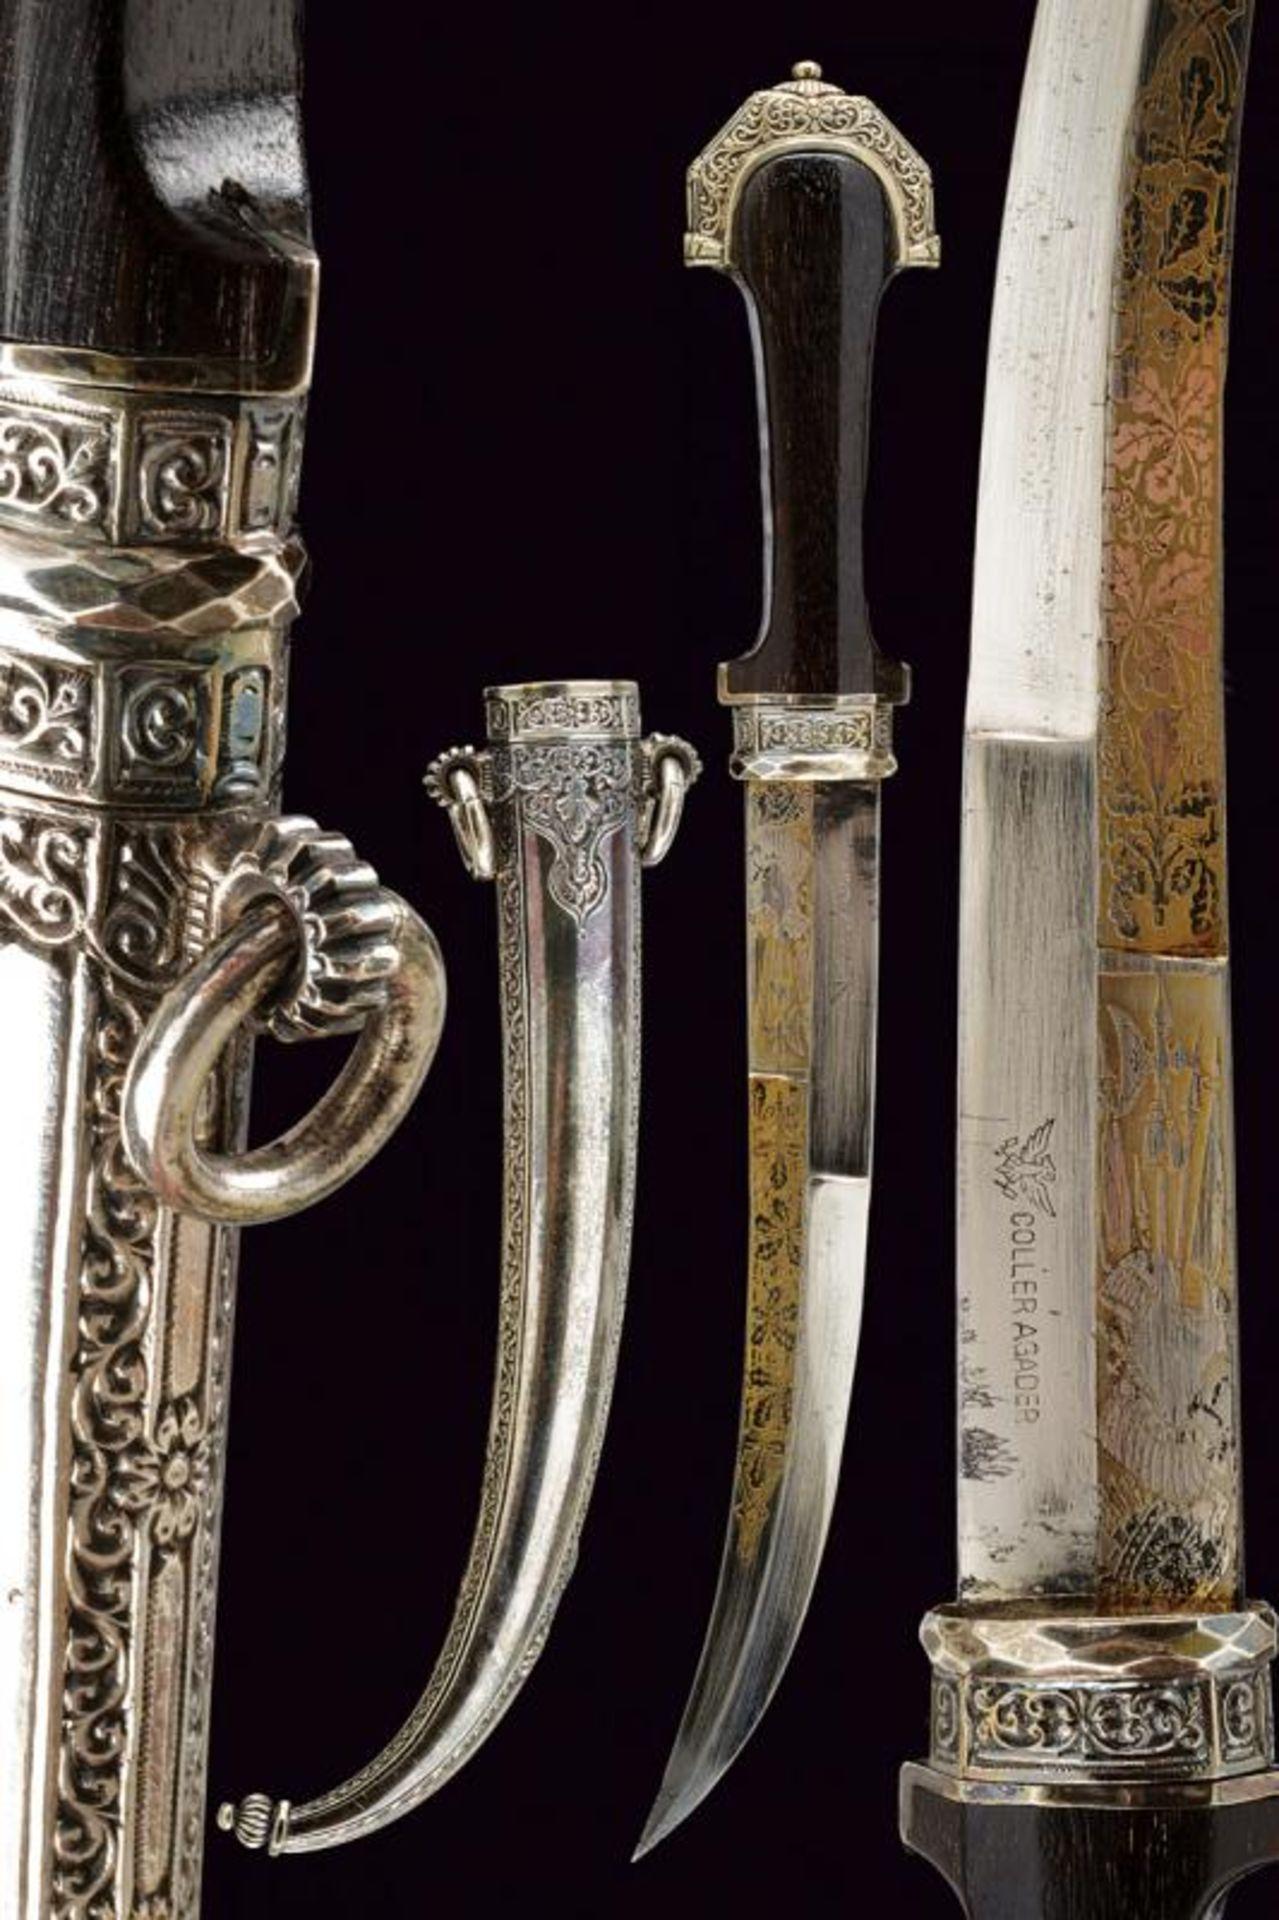 A silver mounted Koummiya